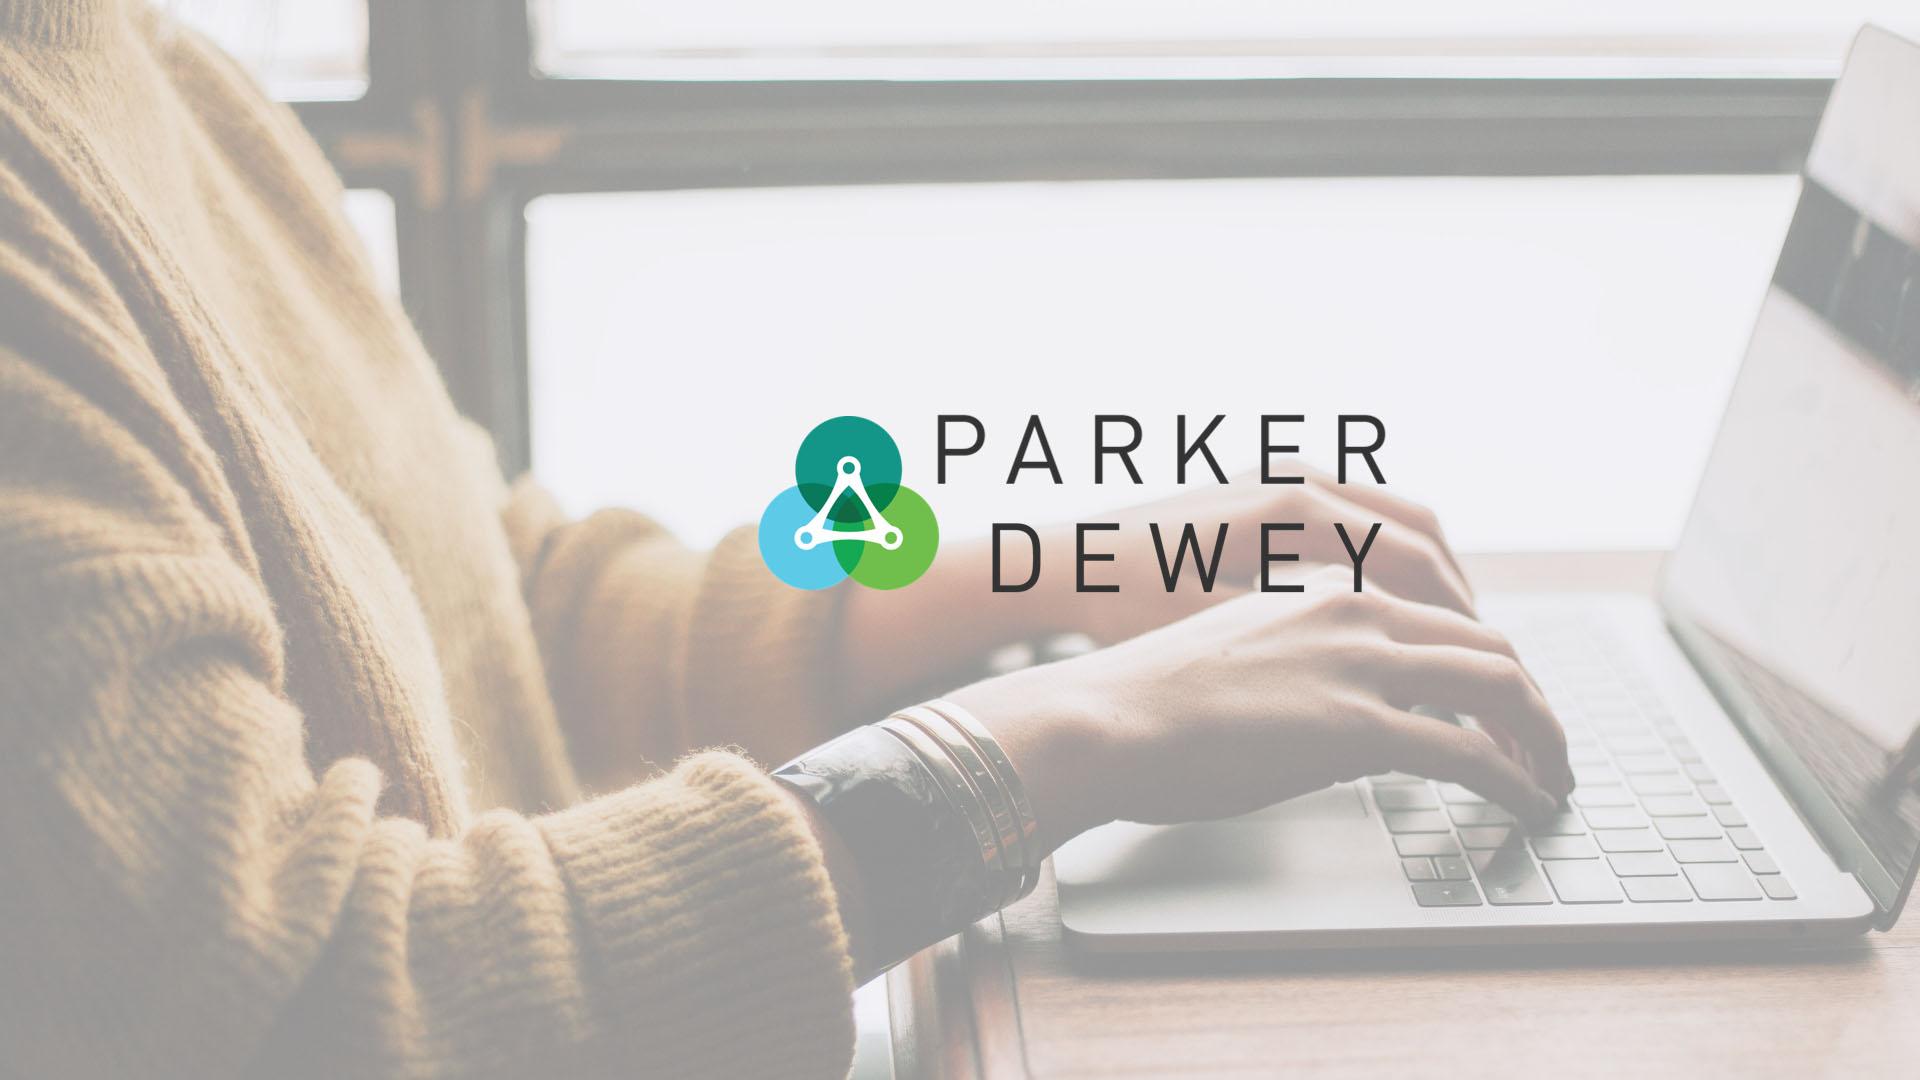 Parker Dewey - Micro-internships